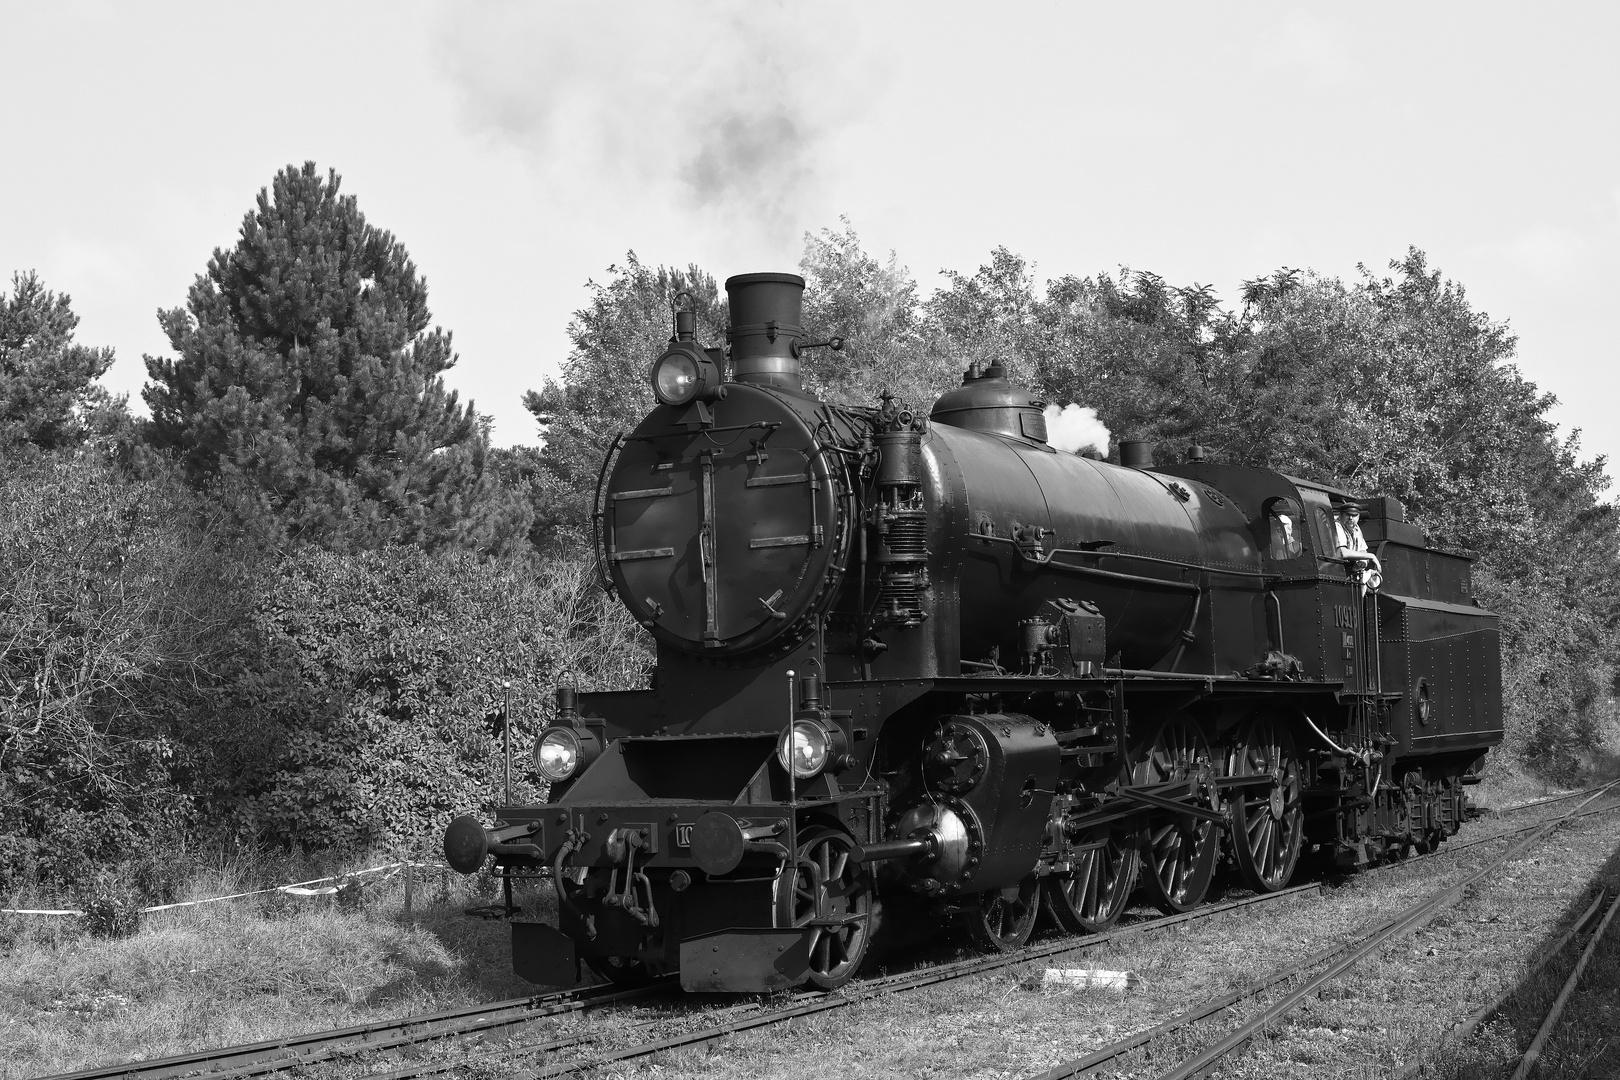 Die Schnellzug-Schlepptenderlokomotive 109.13